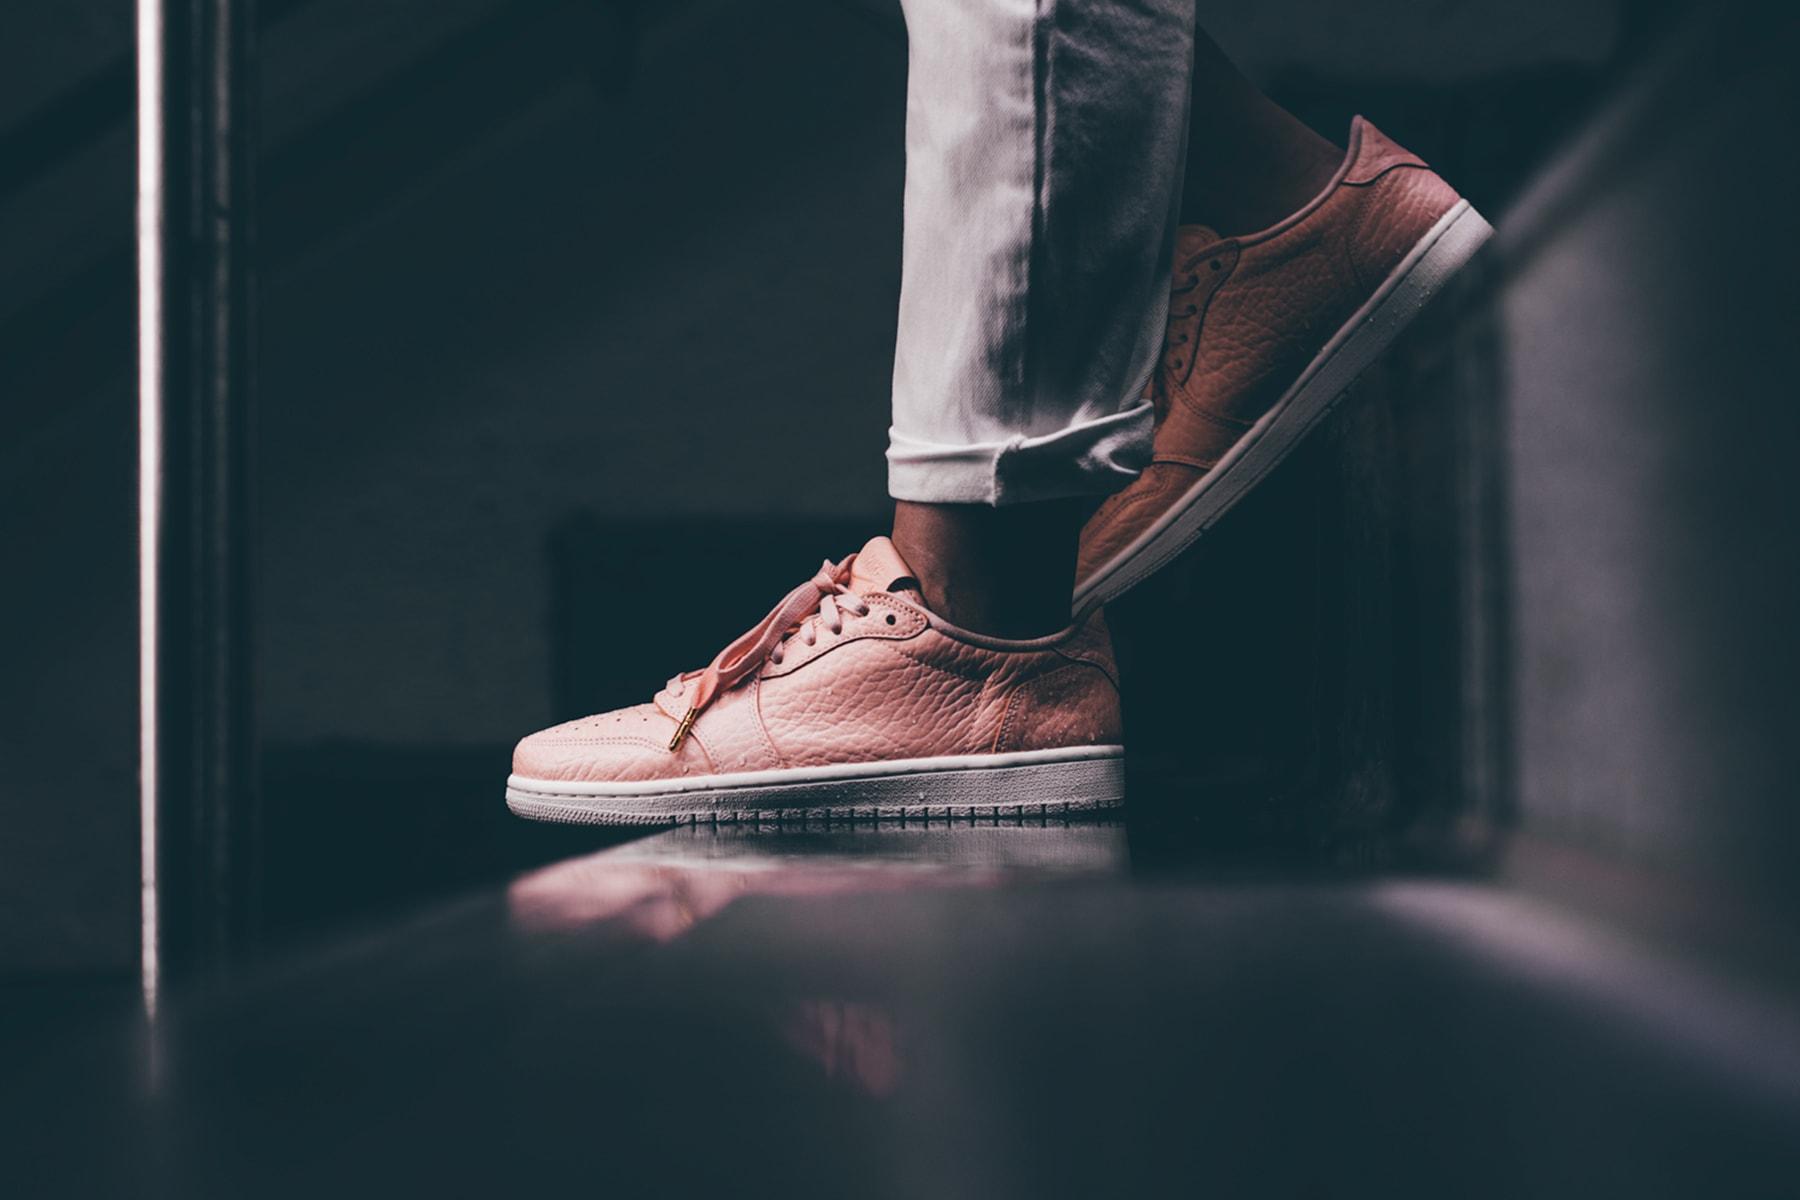 AIR-JORDAN-1-Retro-Low-NS-Nike-Rose-Orange-Electrique-848775-805-Exclu-Exclusivité-effronté-sneakers-basket-01jpg-min